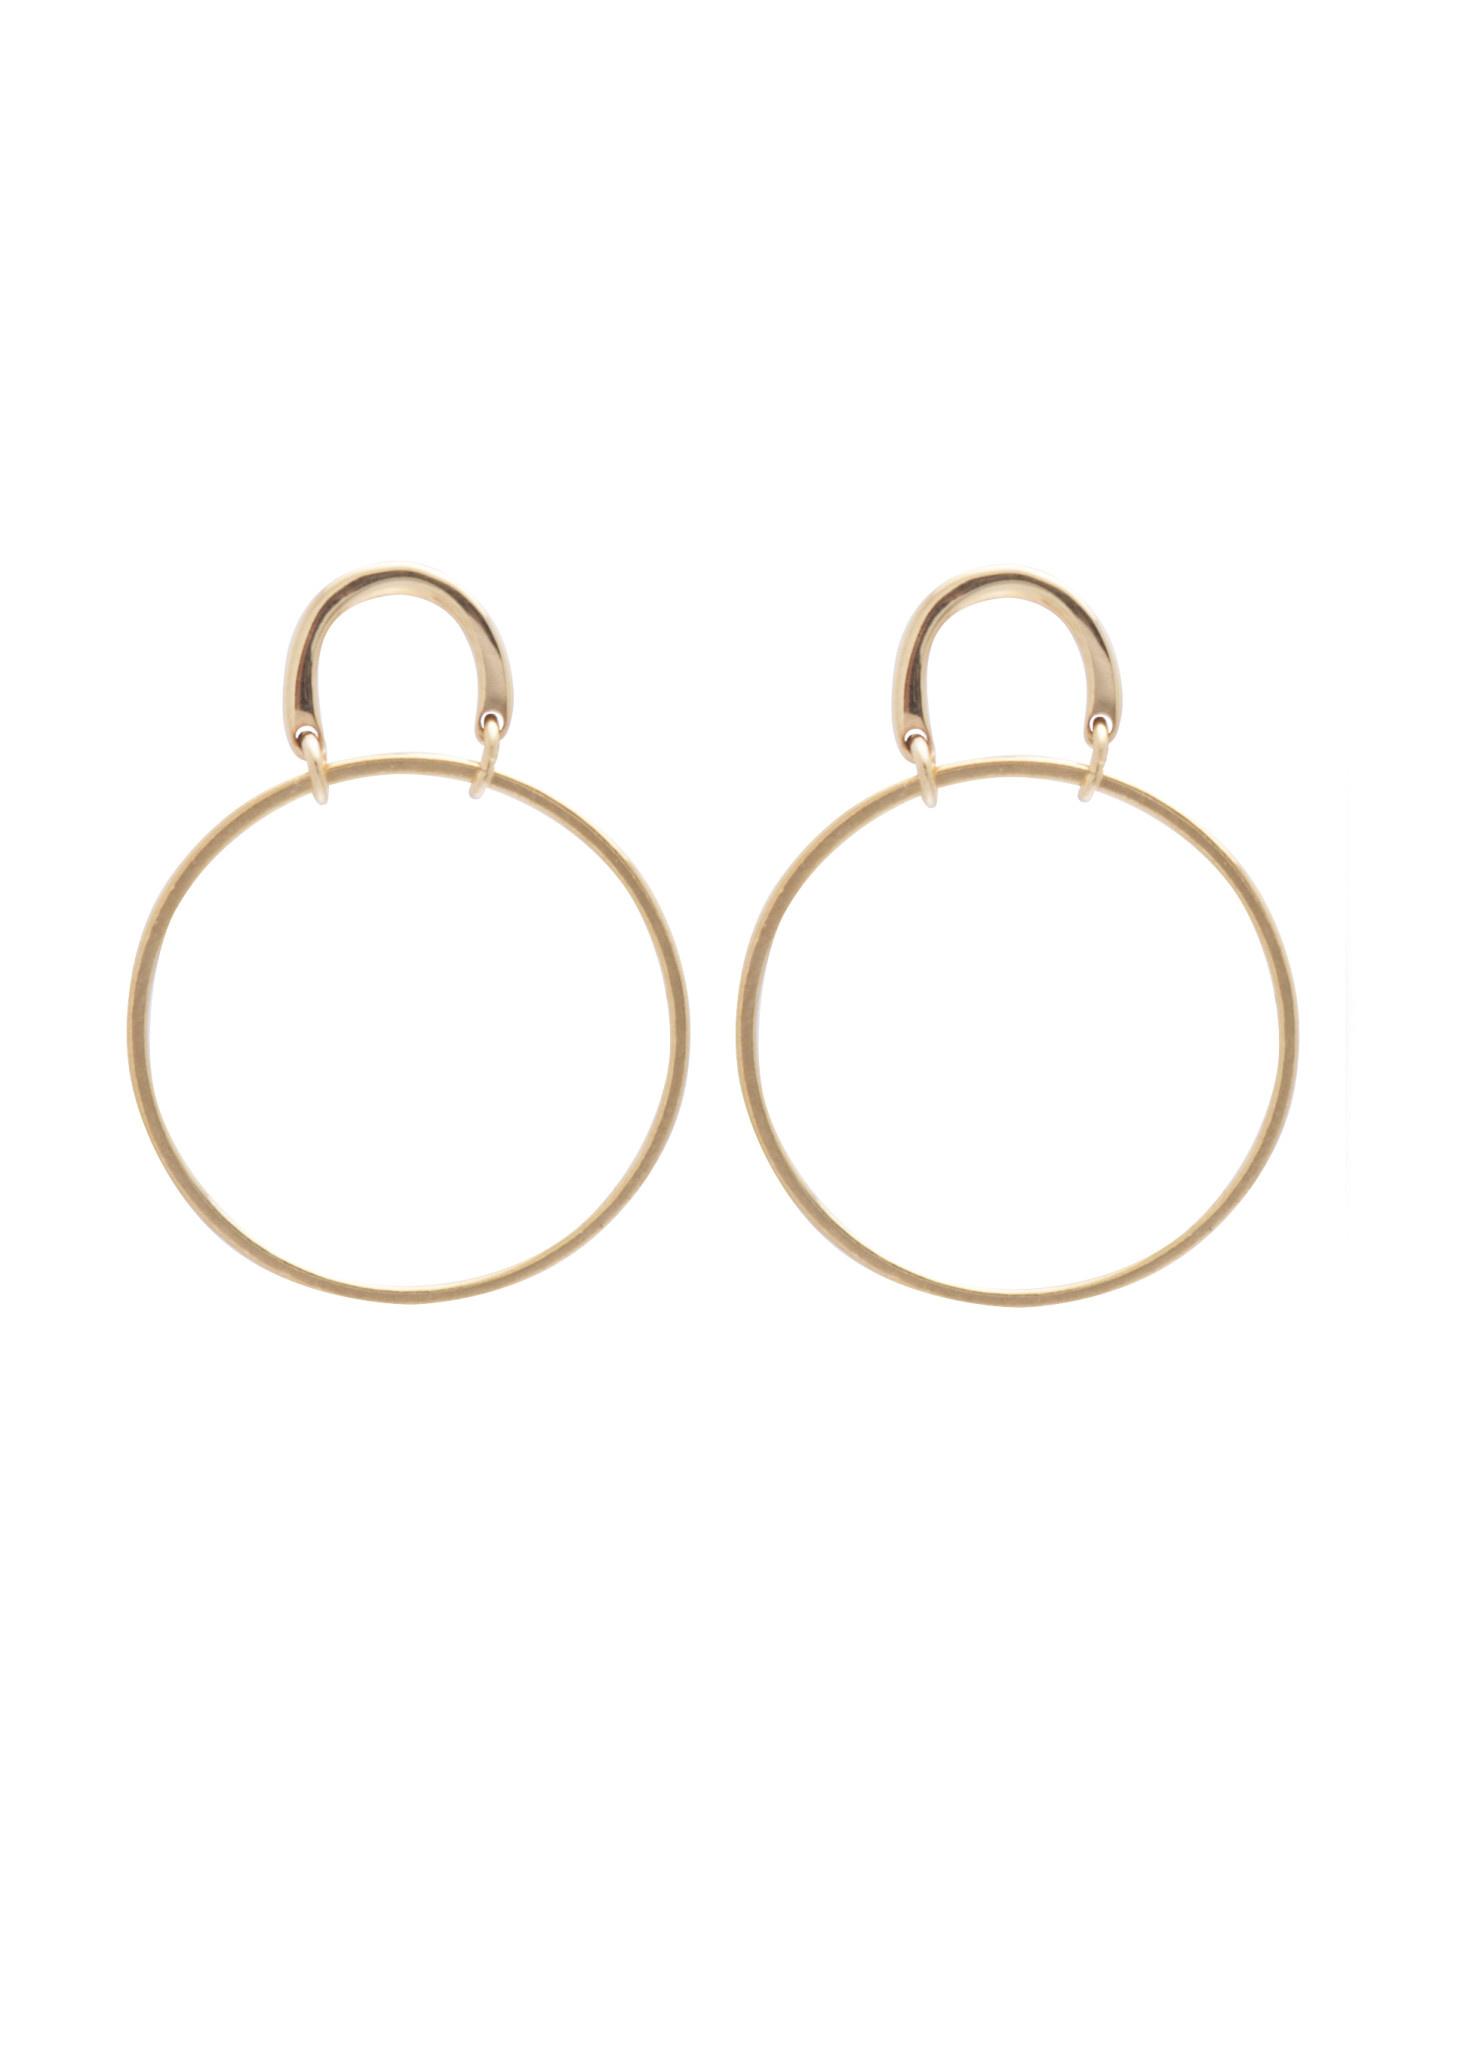 Sarah Mulder Jewelry Sarah Mulder Jewelry - Henny Earrings